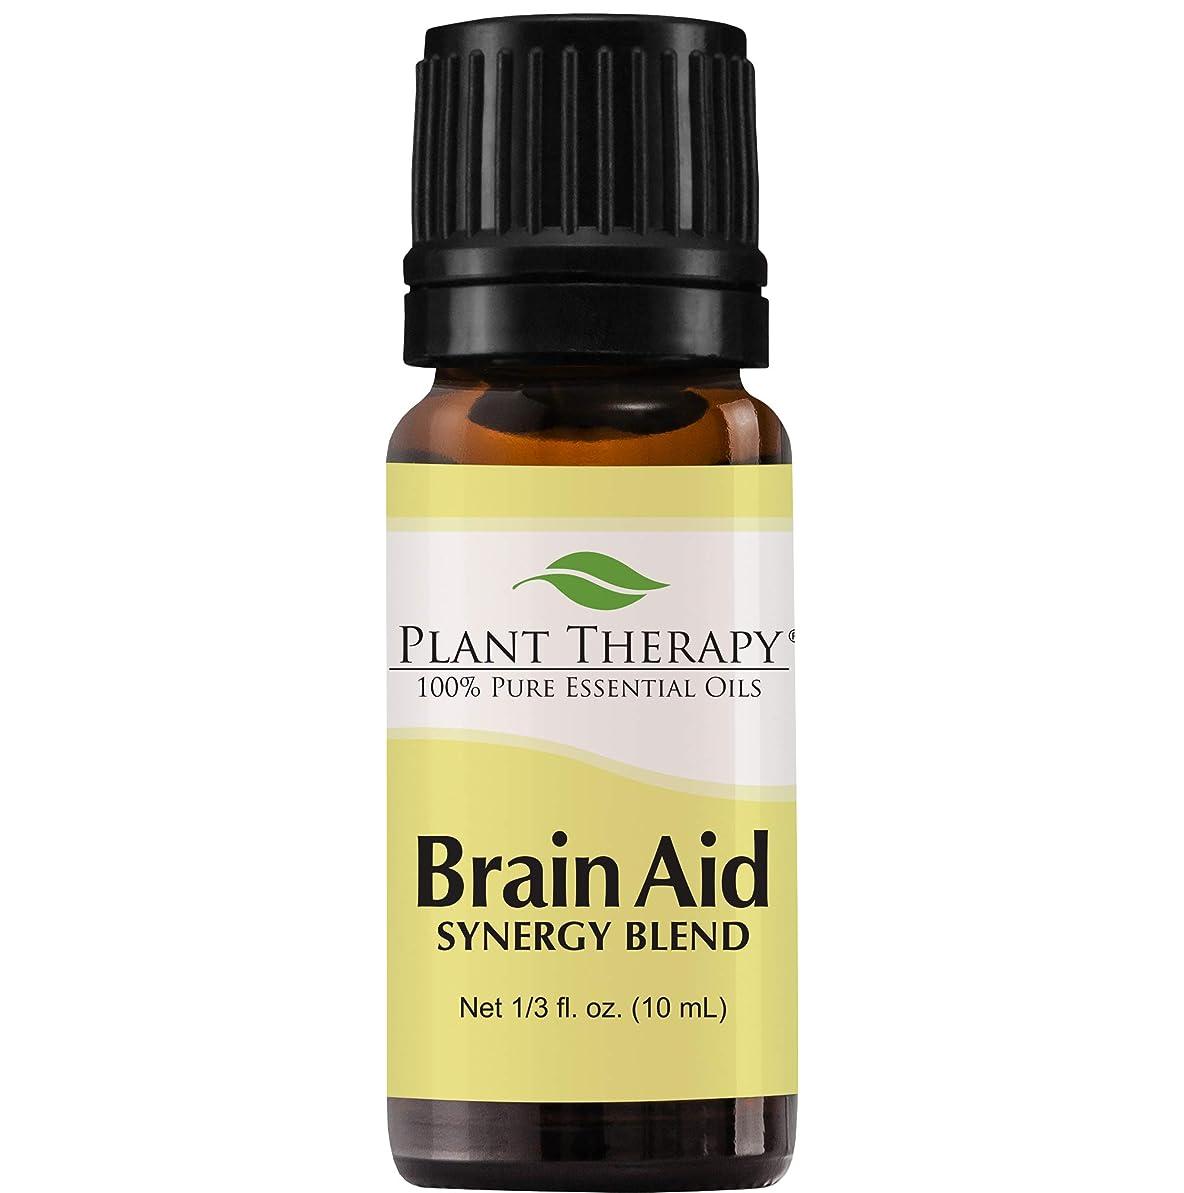 聴く触覚メカニック脳援助シナジー(精神的な焦点と明確にするため)。エッセンシャルオイルブレンド。 10ミリリットル(1/3オンス)。 100%ピュア、希釈していない、治療グレード。